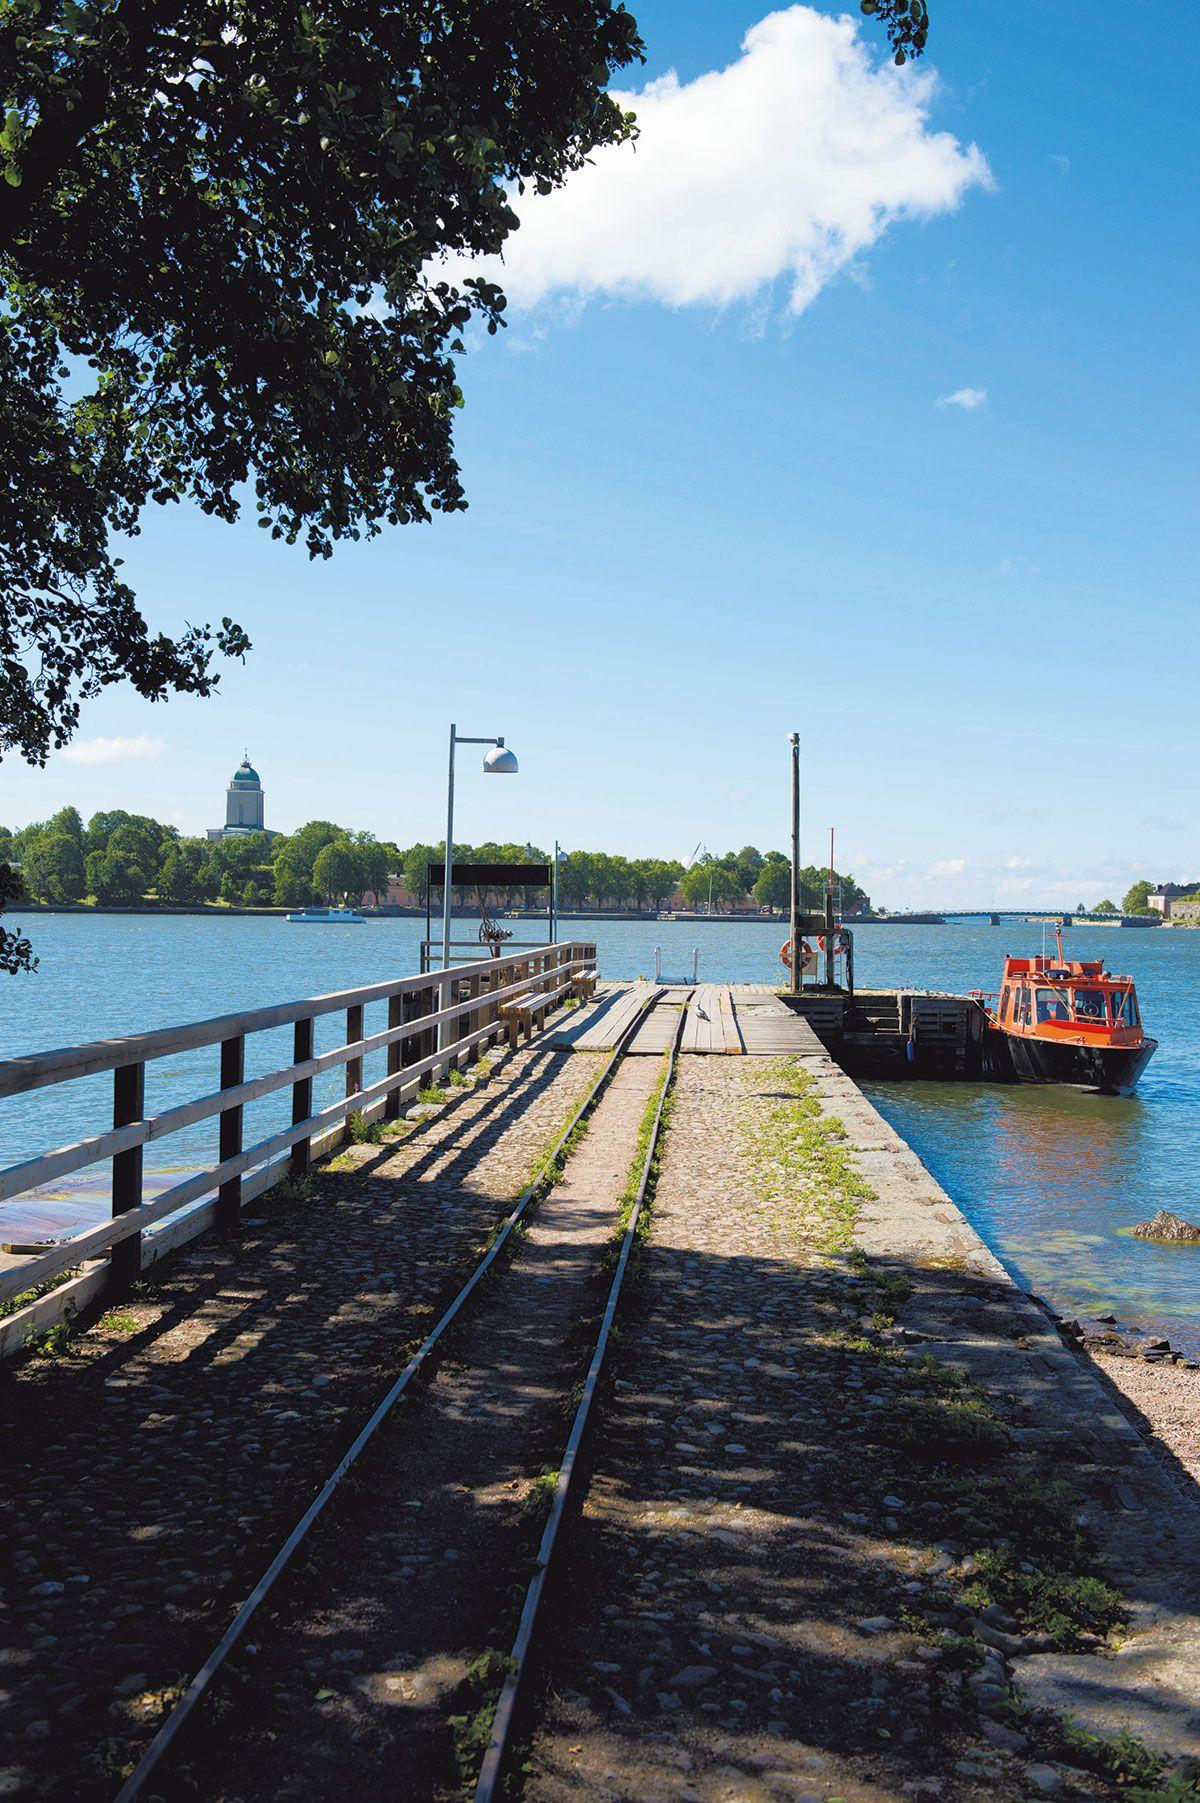 Suomenlinnan lautta kulkee Lonnan kautta, joten voit kätevästi tehdä päiväretket…